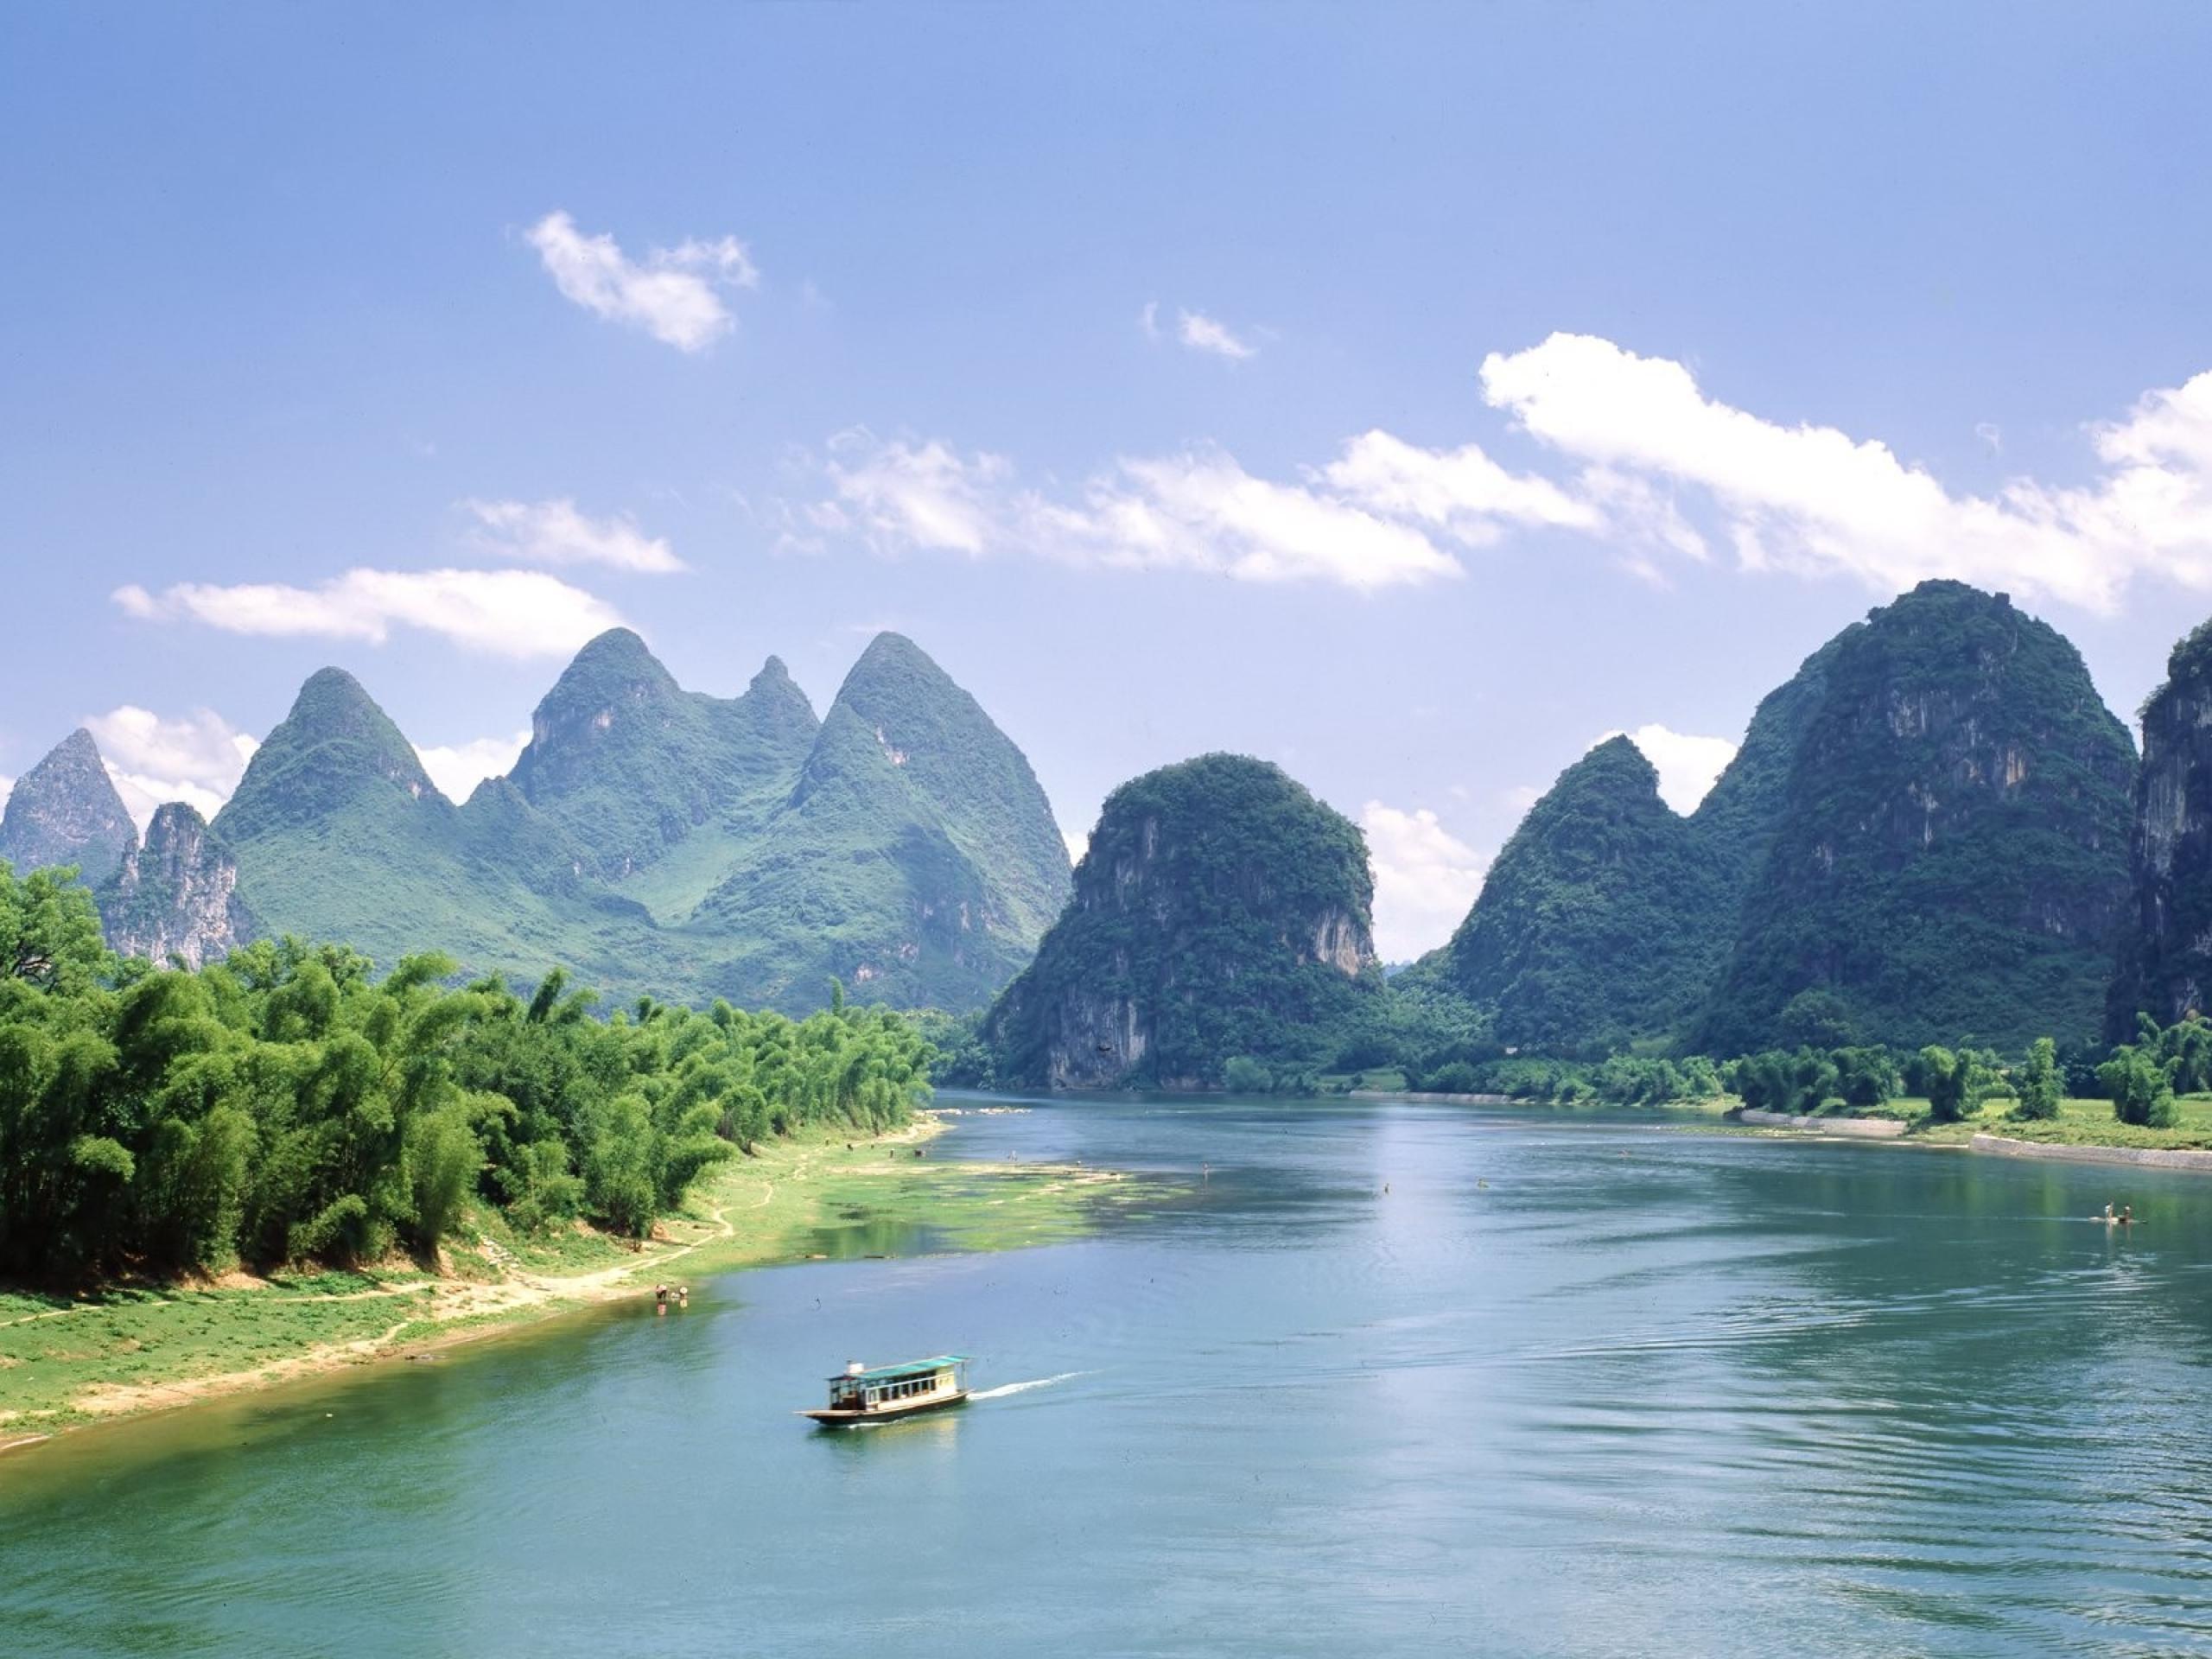 137285壁紙のダウンロード自然, 湖, 泳ぐには, 泳ぐ, 山脈, パームス-スクリーンセーバーと写真を無料で